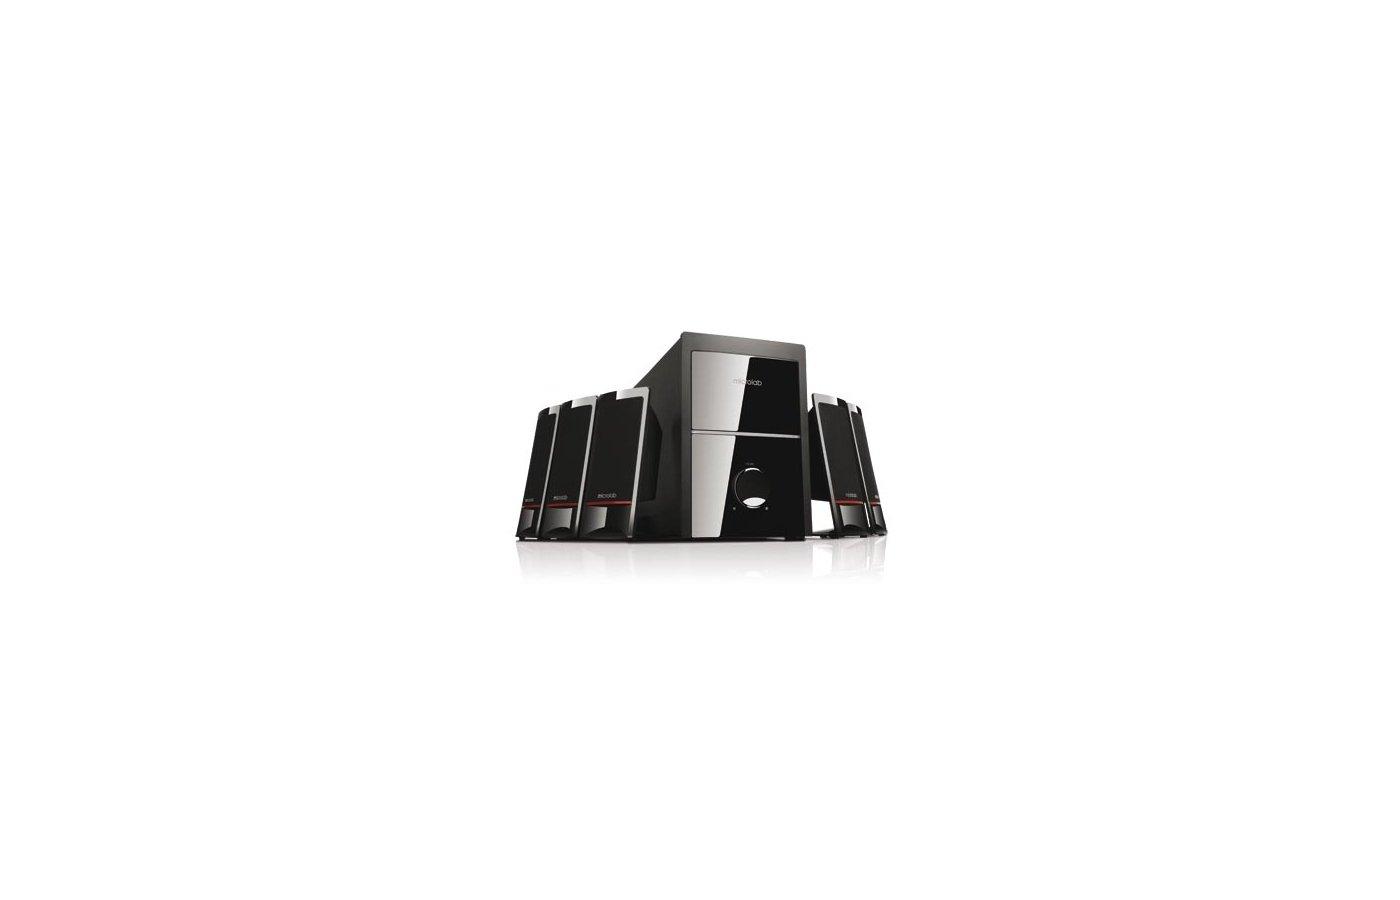 Компьютерные колонки Microlab M700 5.1 черный 62Вт